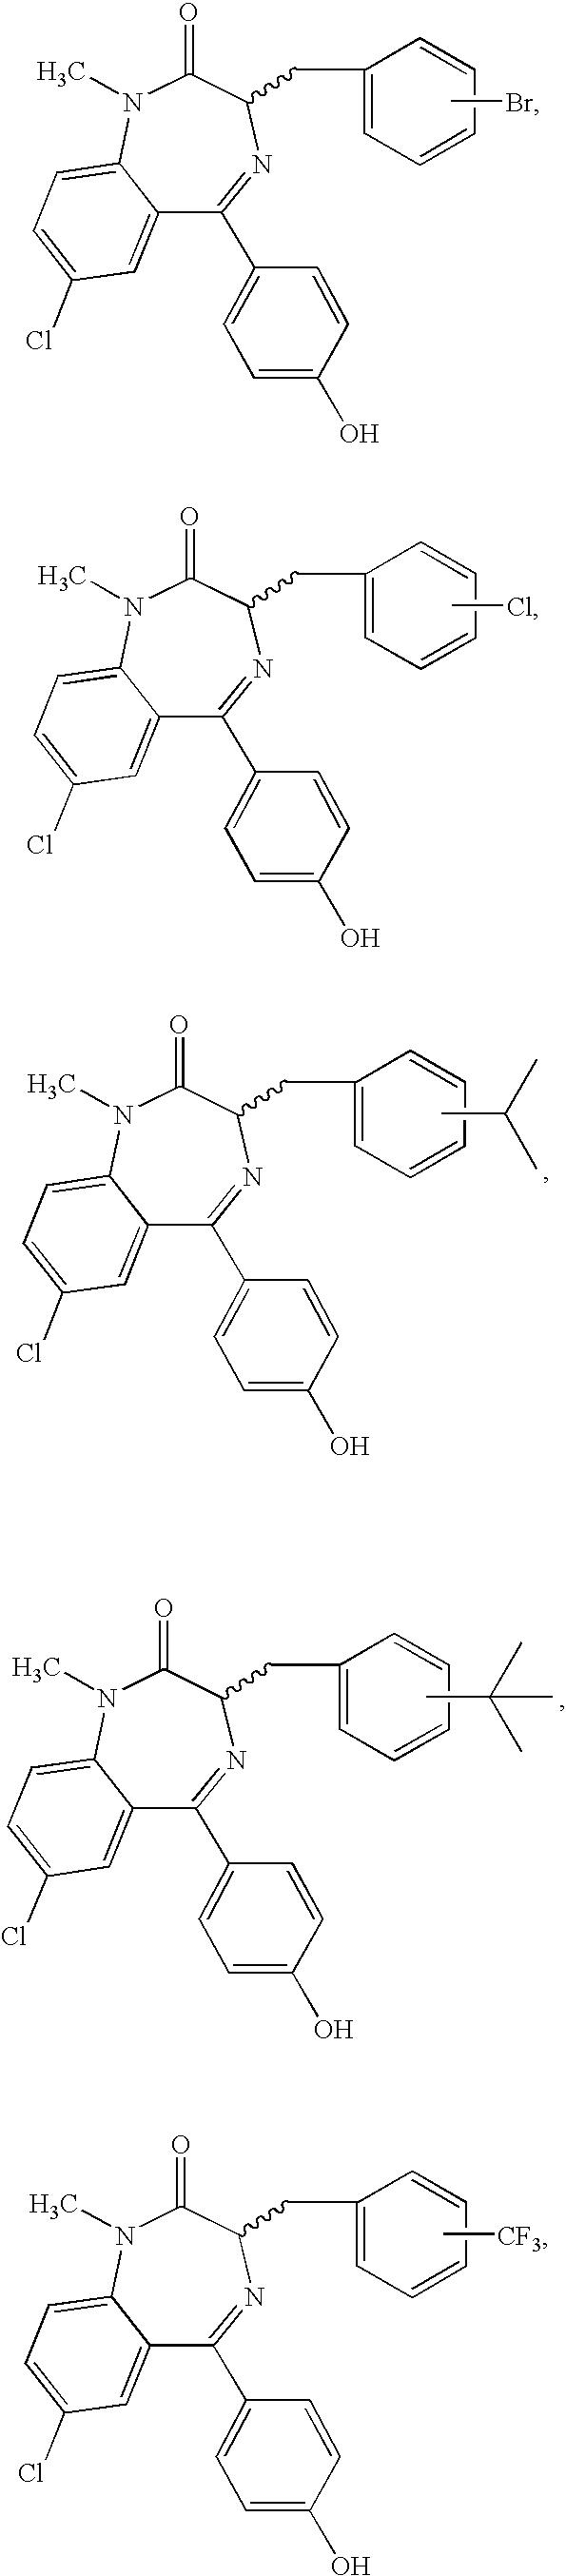 Figure US07851465-20101214-C00002